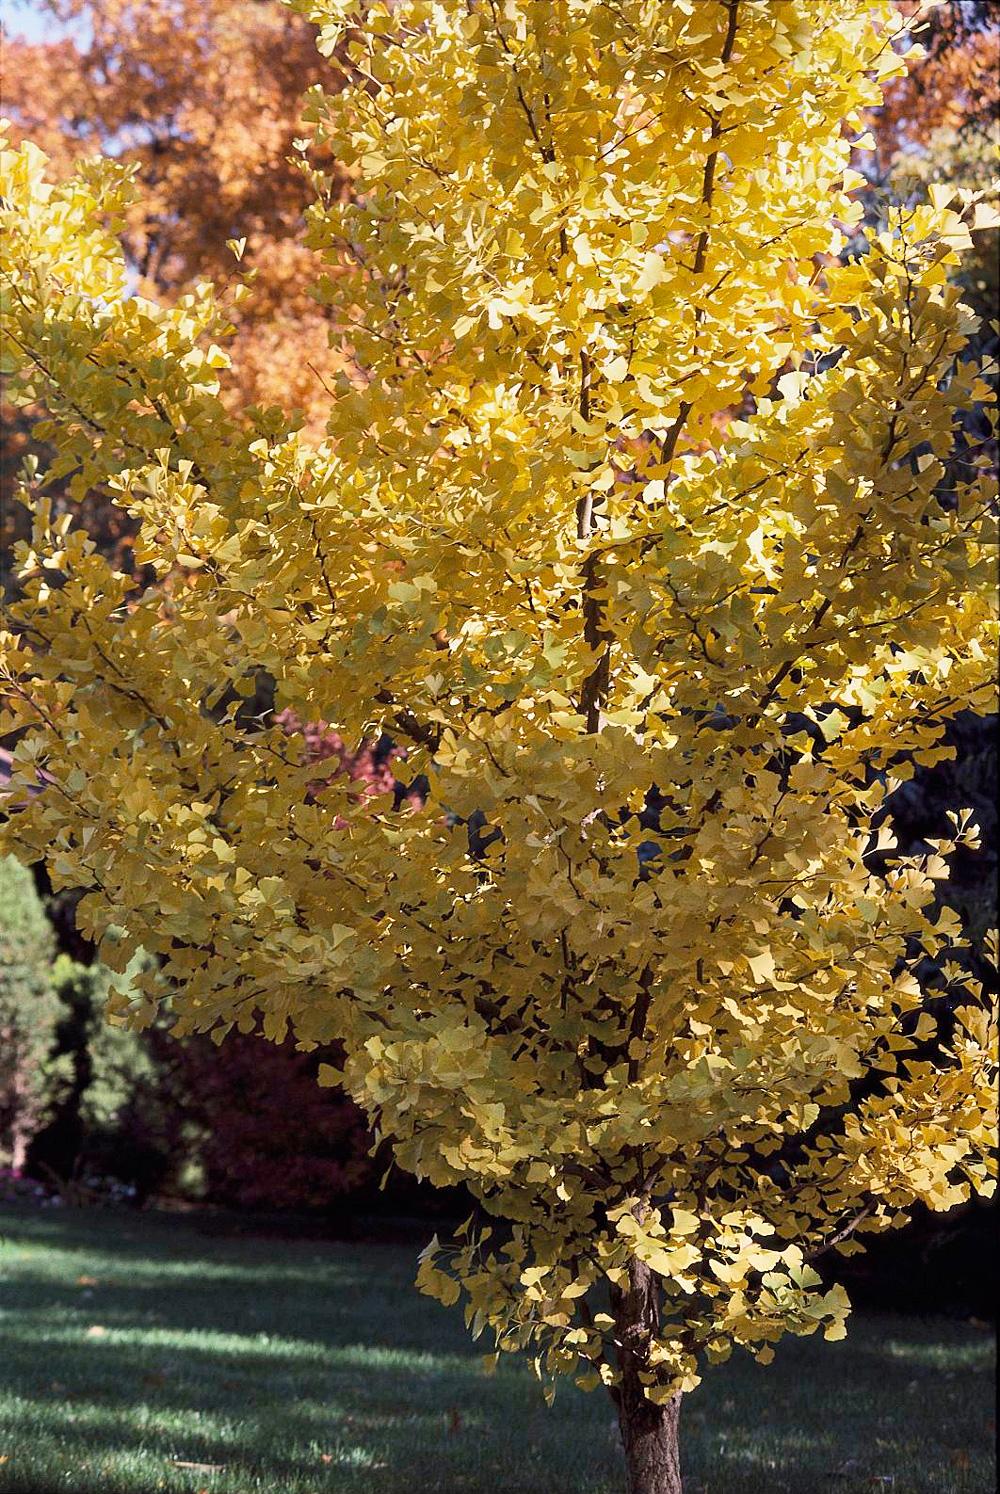 Ginkgo biloba: yellow fall fans